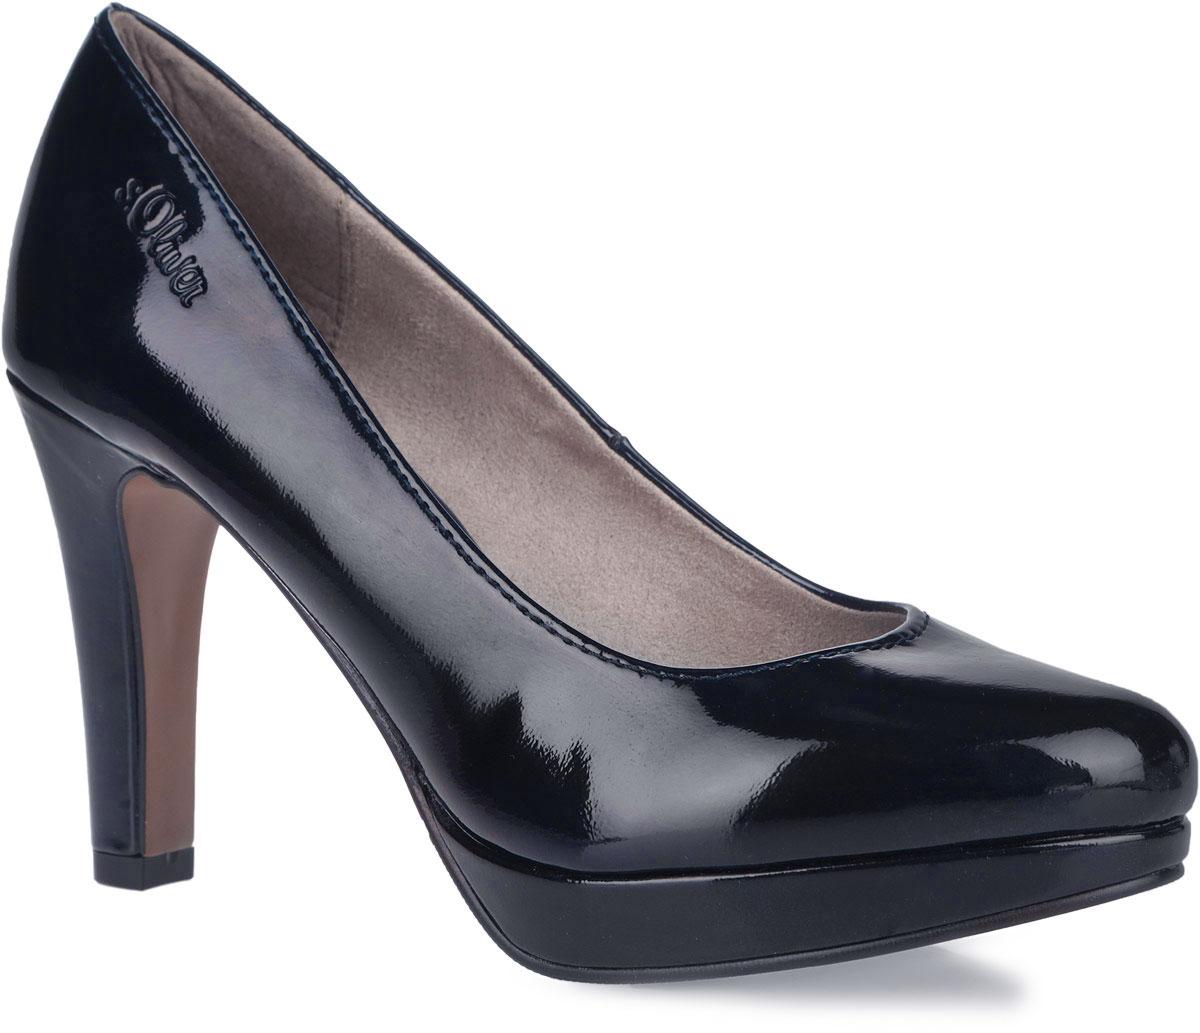 Туфли женские. 5-5-22400-365-5-22400-36-018Оригинальные женские туфли от S.Oliver заинтересуют вас своим дизайном! Модель, выполненная из искусственной лакированной кожи, оформлена сбоку тиснением в виде названия бренда. Внутренняя поверхность изготовлена из текстиля и искусственных материалов, стелька - из искусственной кожи. Высокий каблук компенсирован небольшой платформой. Каблук и подошва с рифлением обеспечивают отличное сцепление с любой поверхностью. Такие туфли займут достойное место в вашем гардеробе и подчеркнут ваш безупречный вкус.